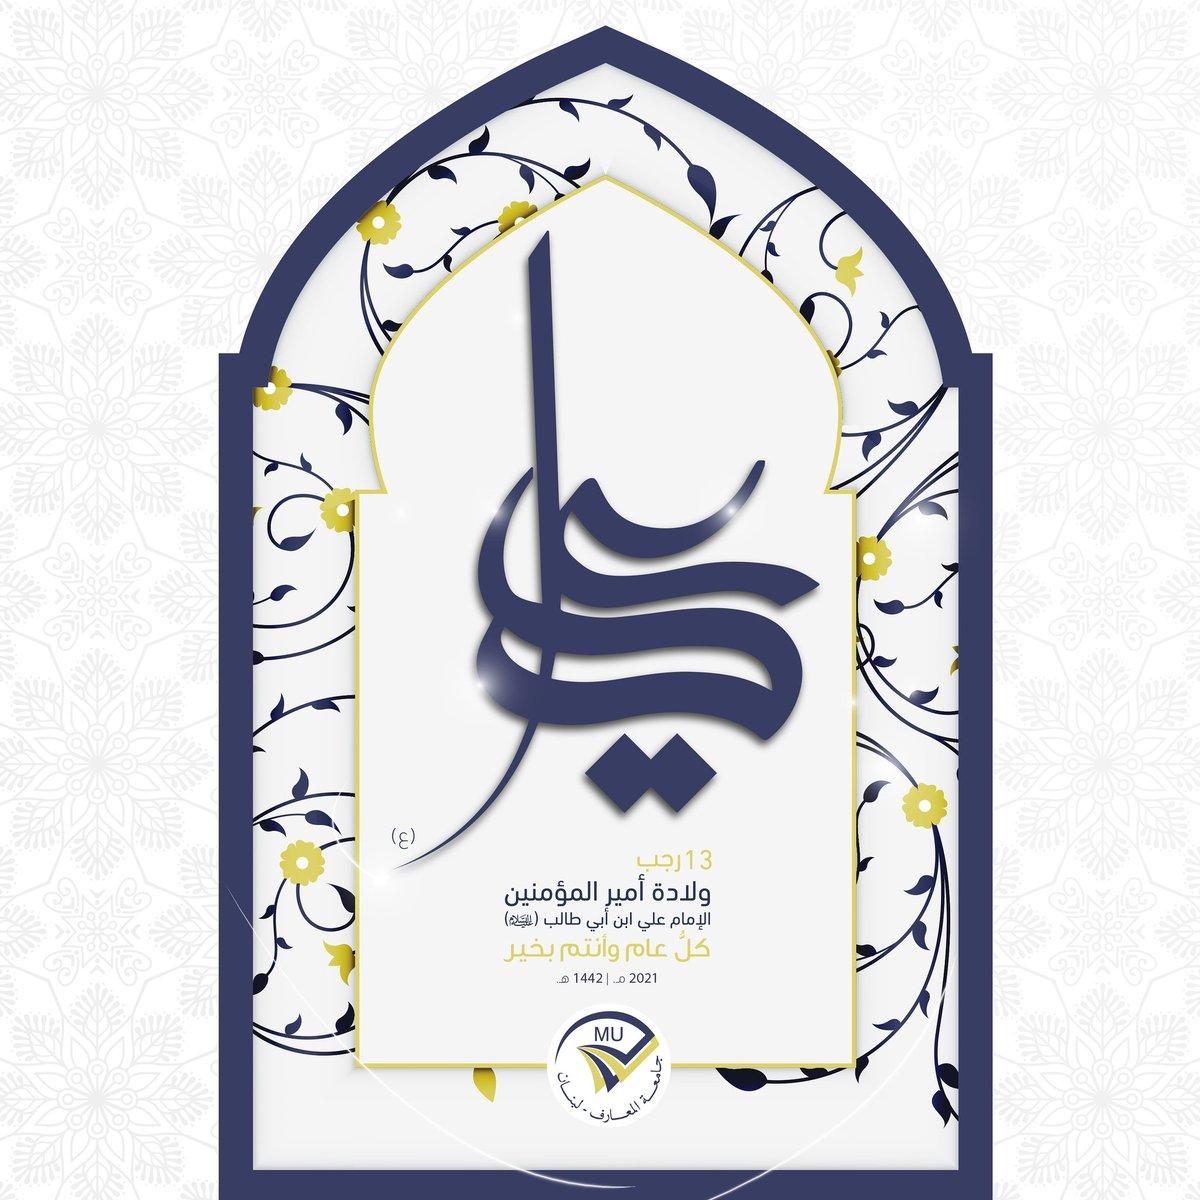 متباركين بذكرى ولادة أمير المؤمنين عليّ ابن أبي طالب (ع). كُلّ عامٍ وانتم بخير... #جامعة_المعارف  #MU